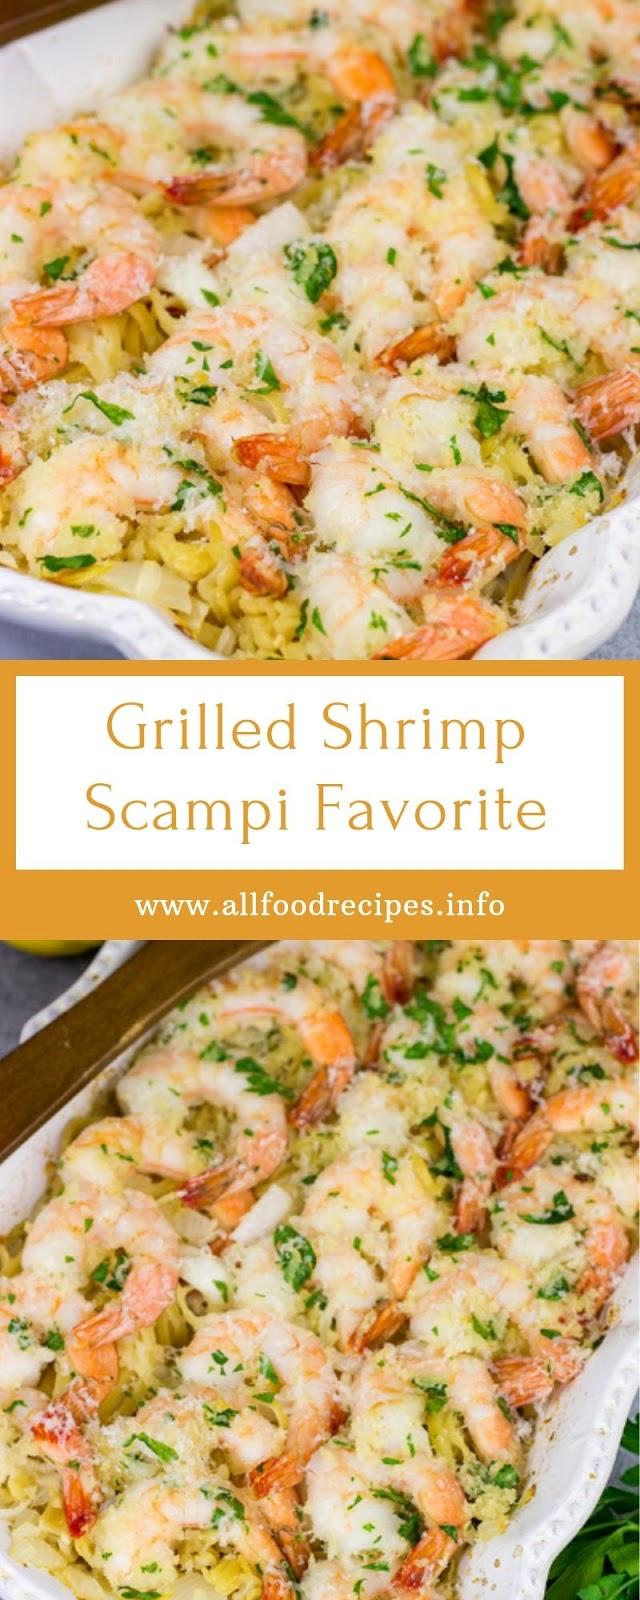 Grilled Shrimp Scampi Favorite